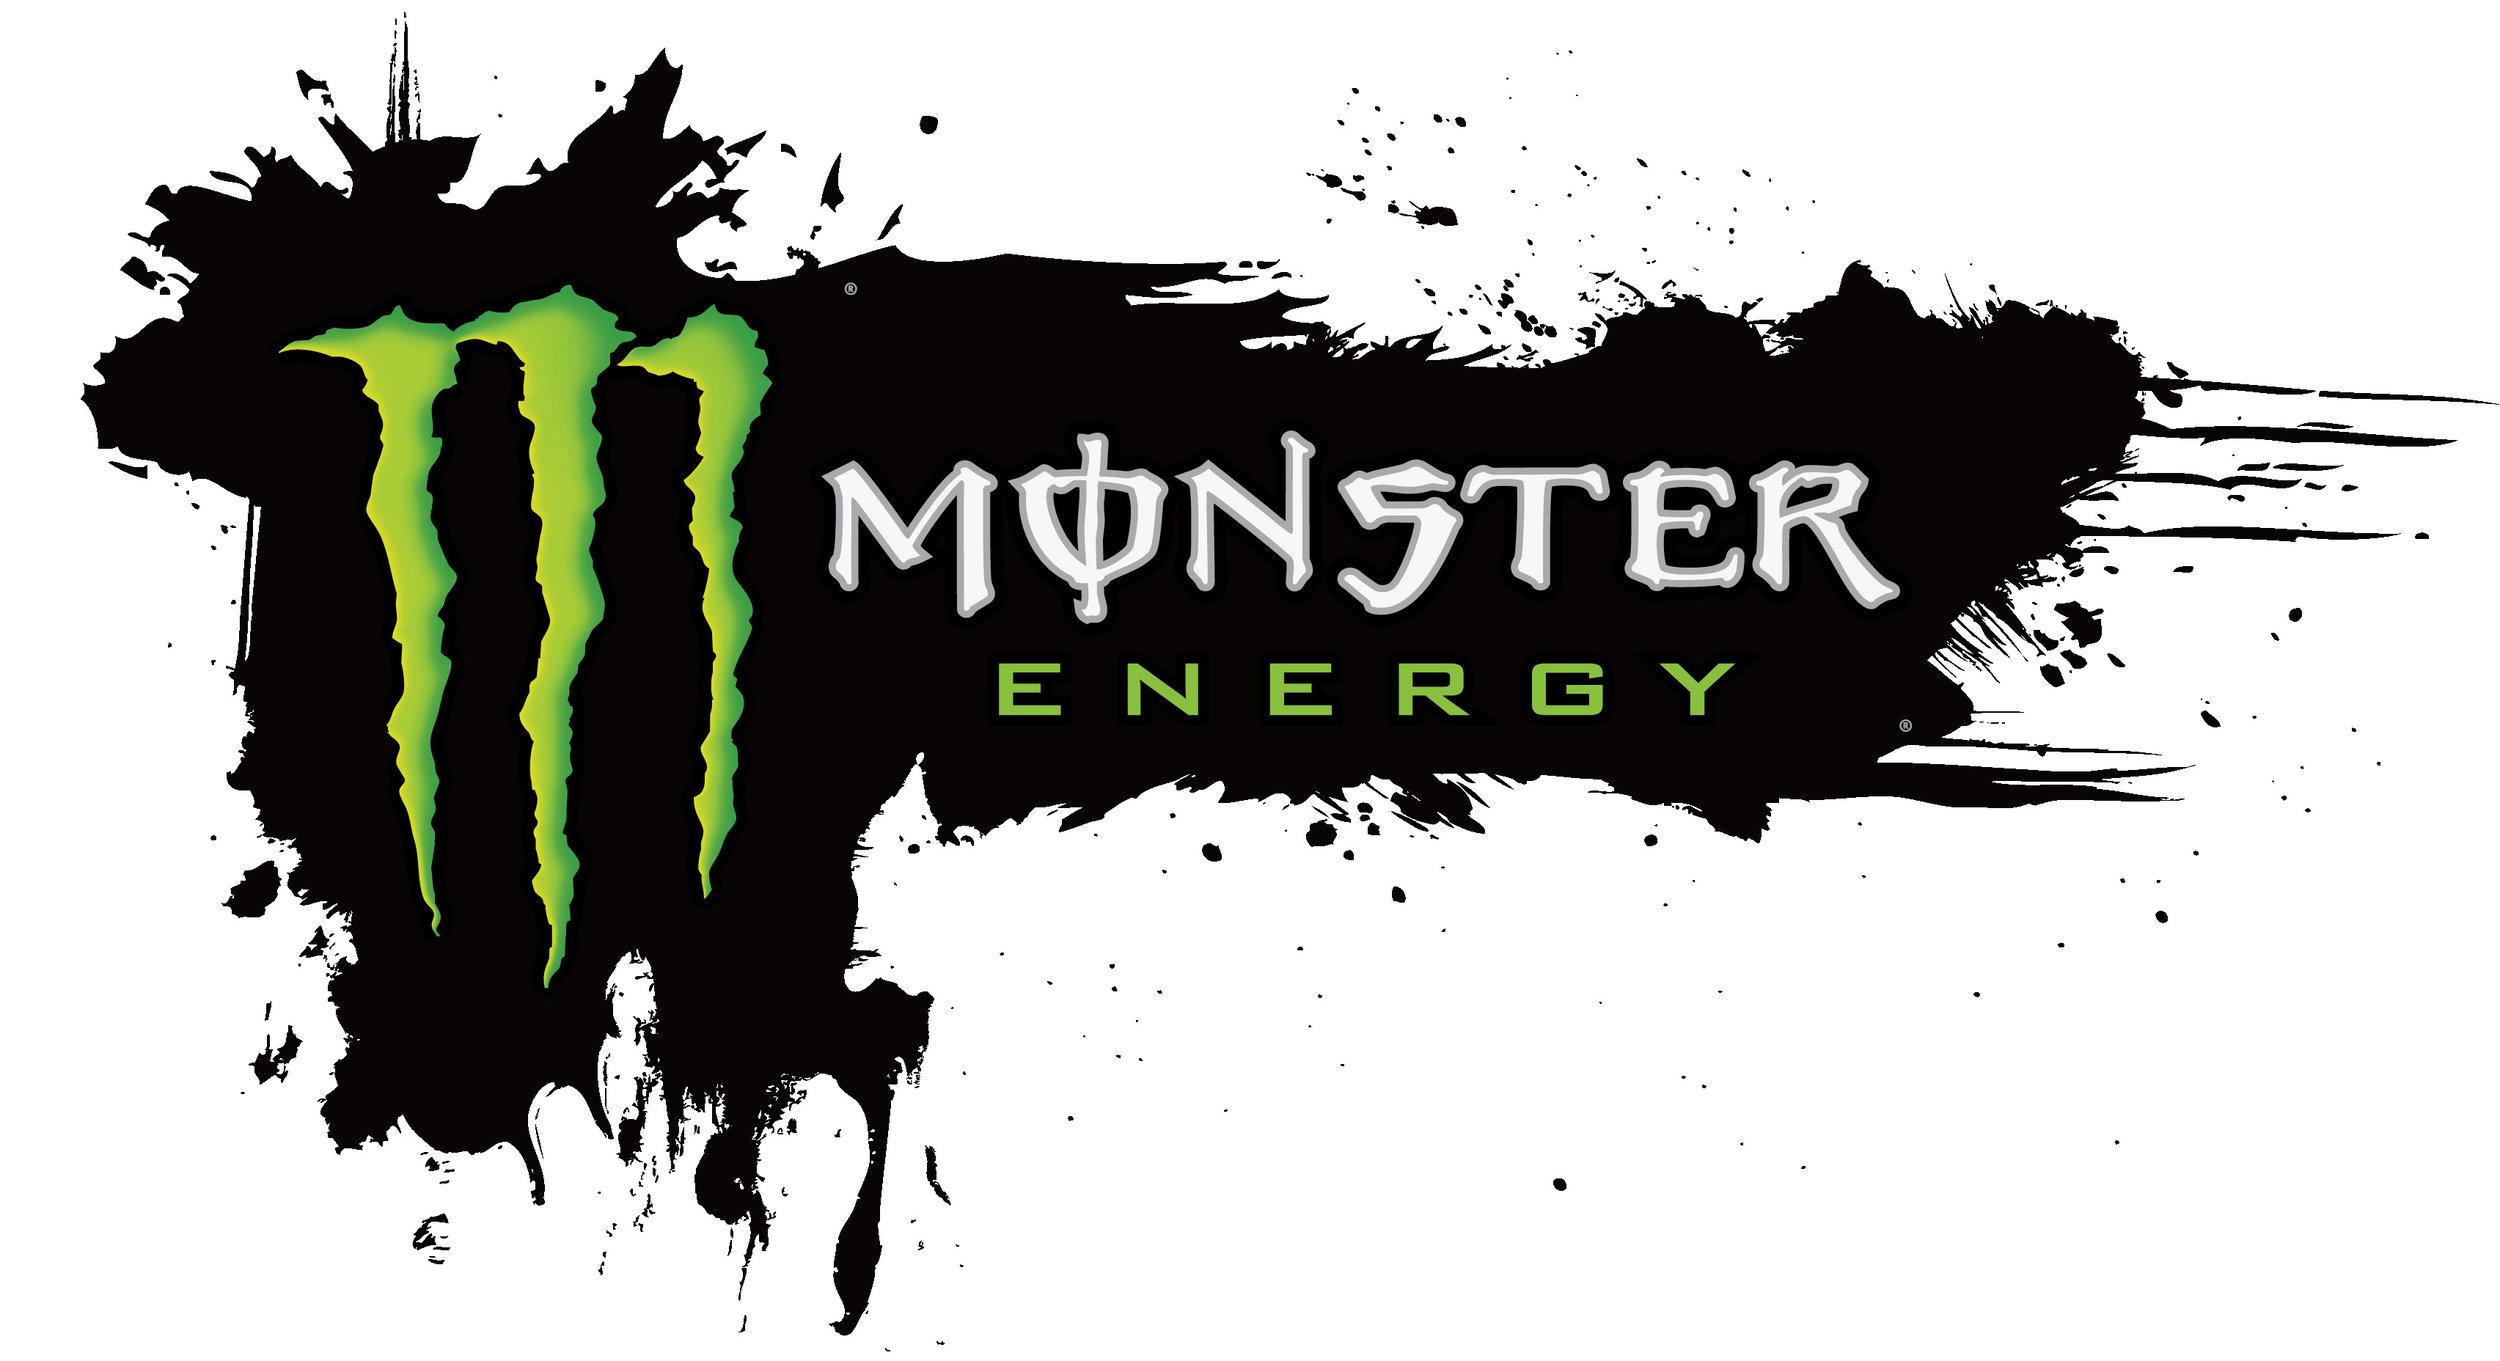 Monster_copy.jpg